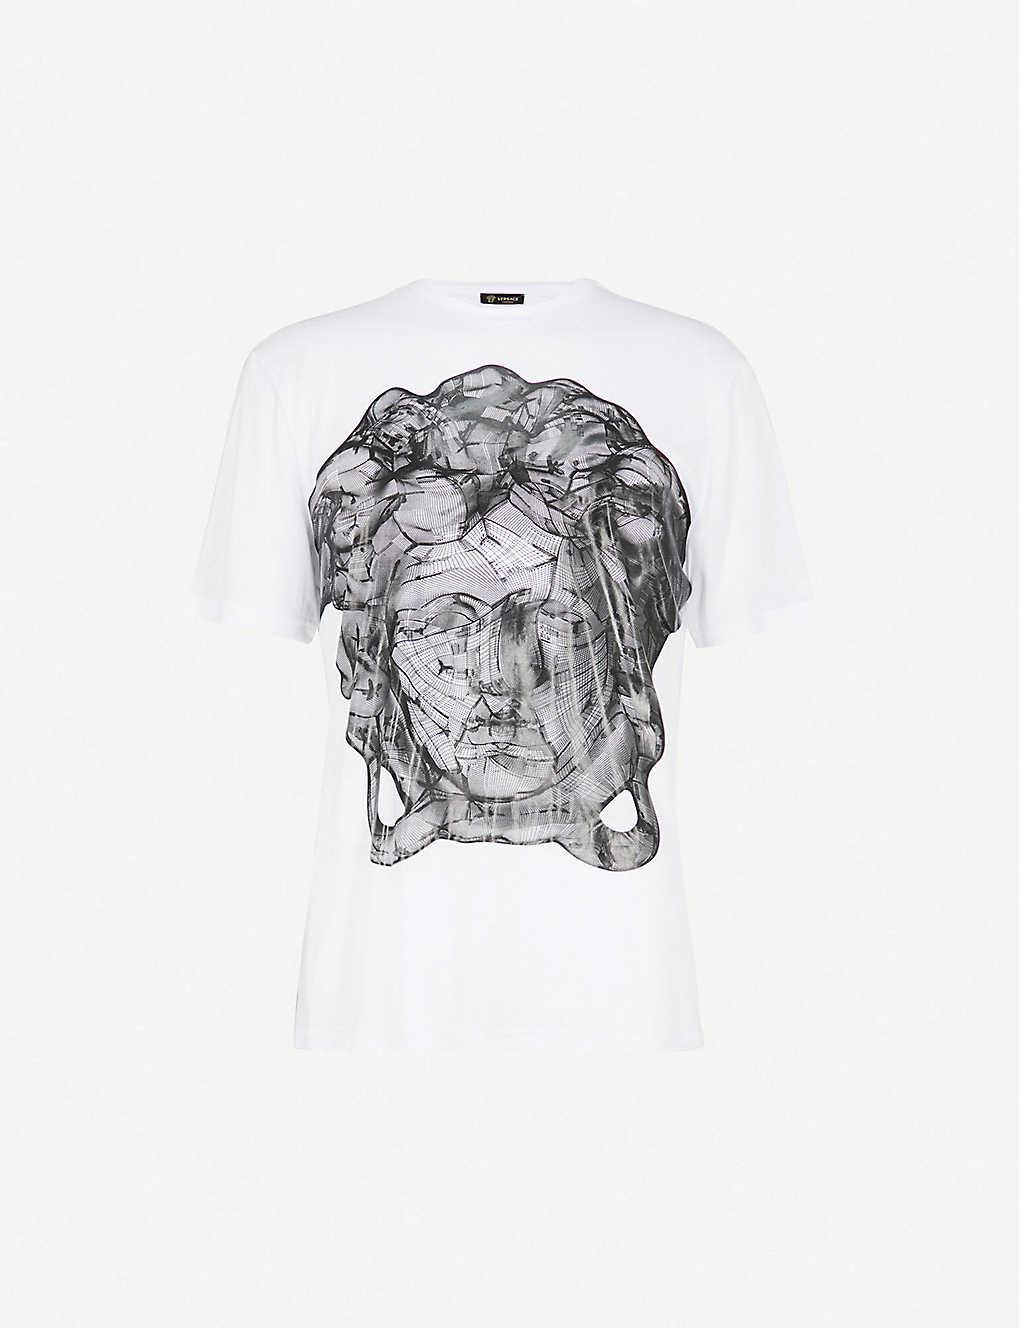 d109d2372 VERSACE - Medusa jersey T-shirt | Selfridges.com